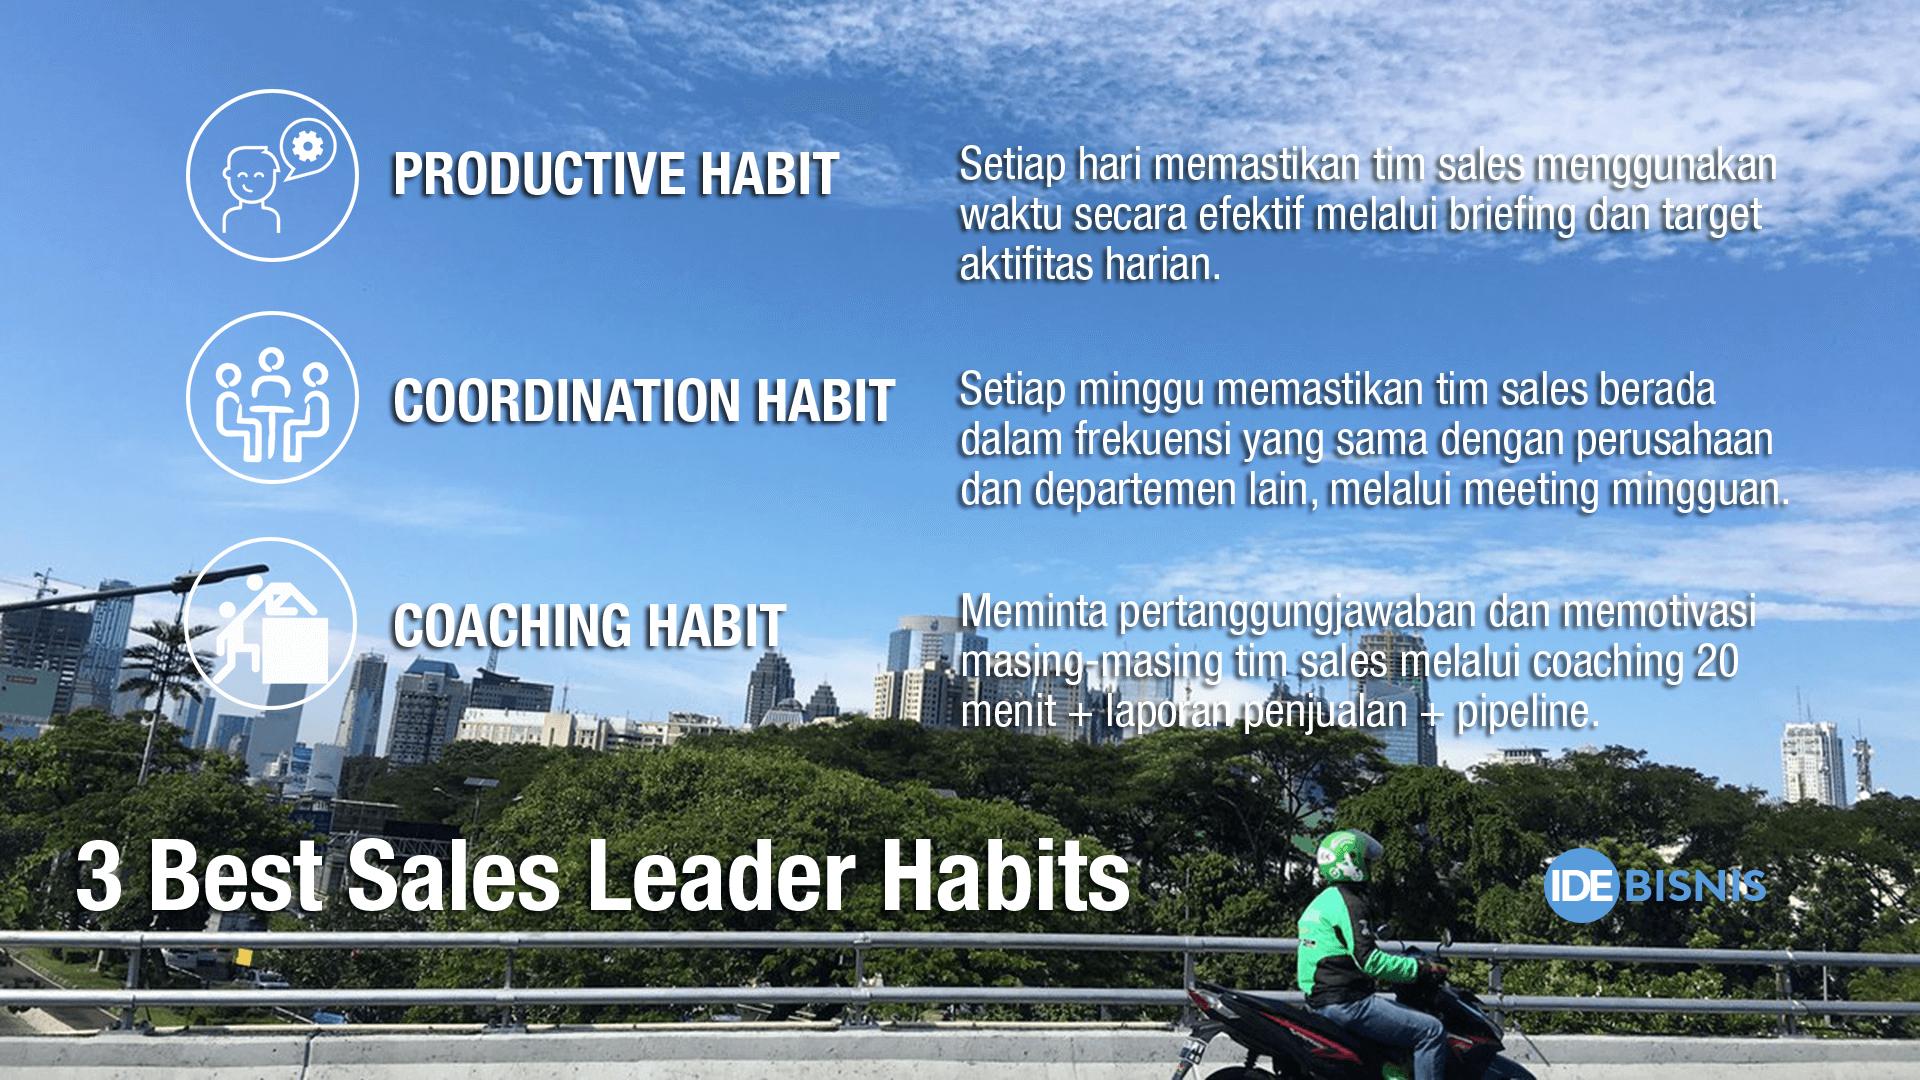 3 best sales leaders habit